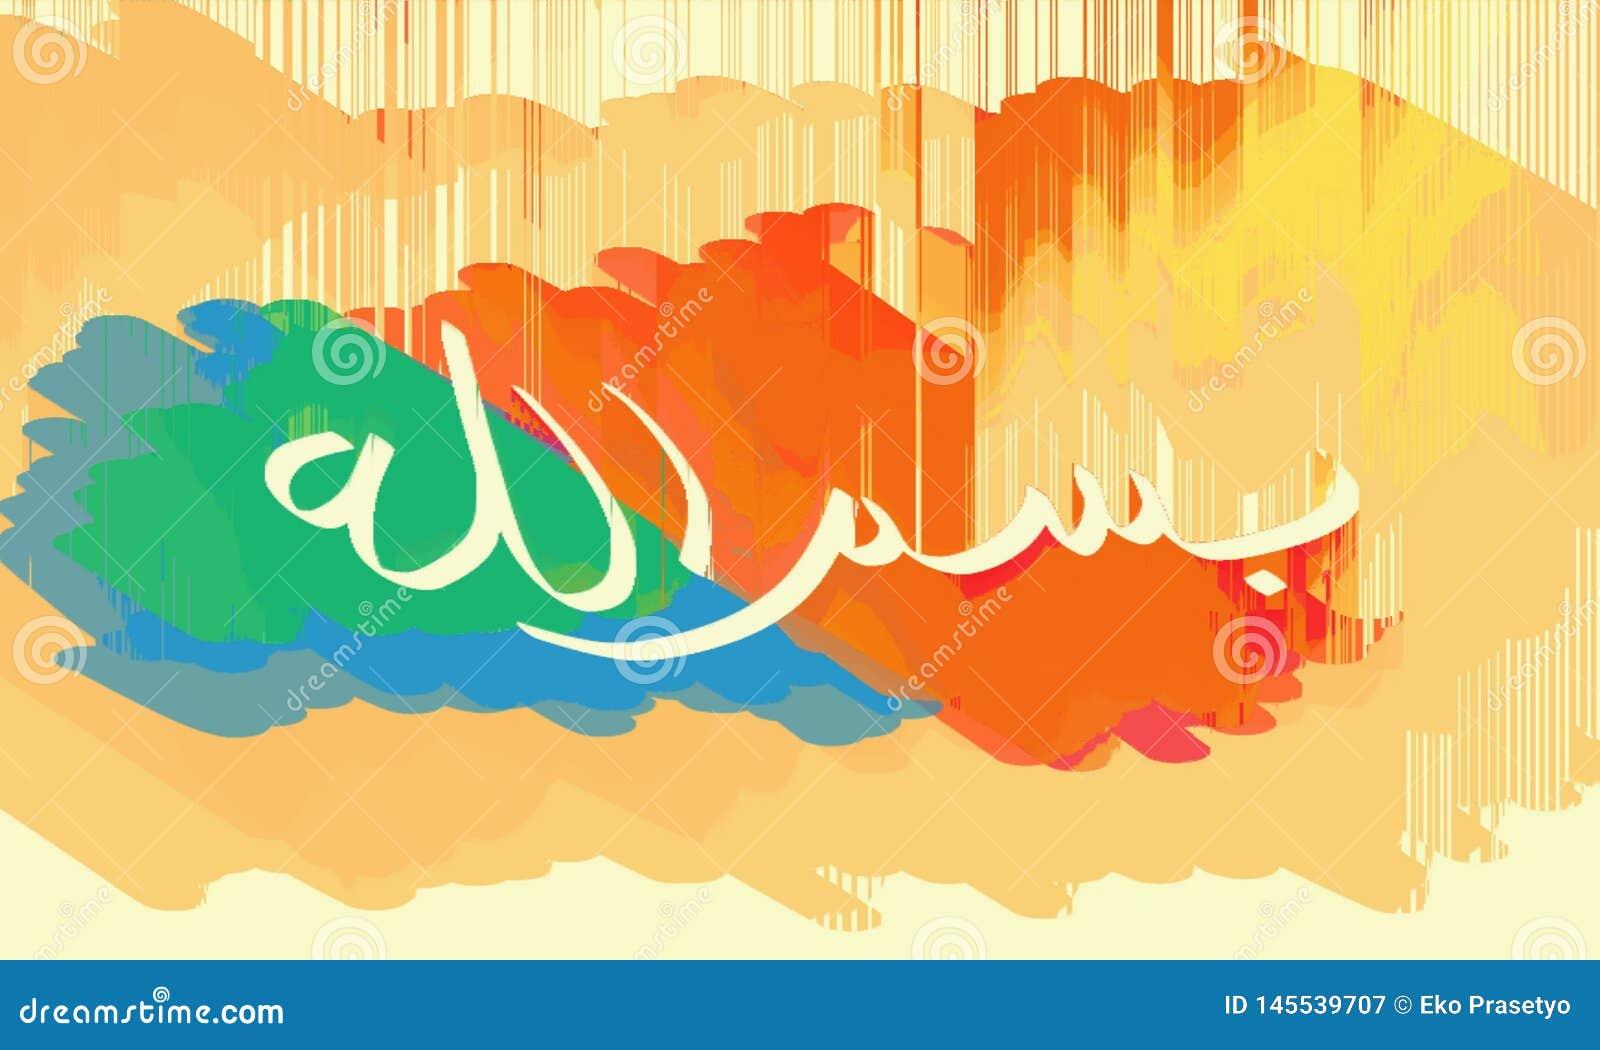 受欢迎穆斯林是非常的阿拉伯书写书法